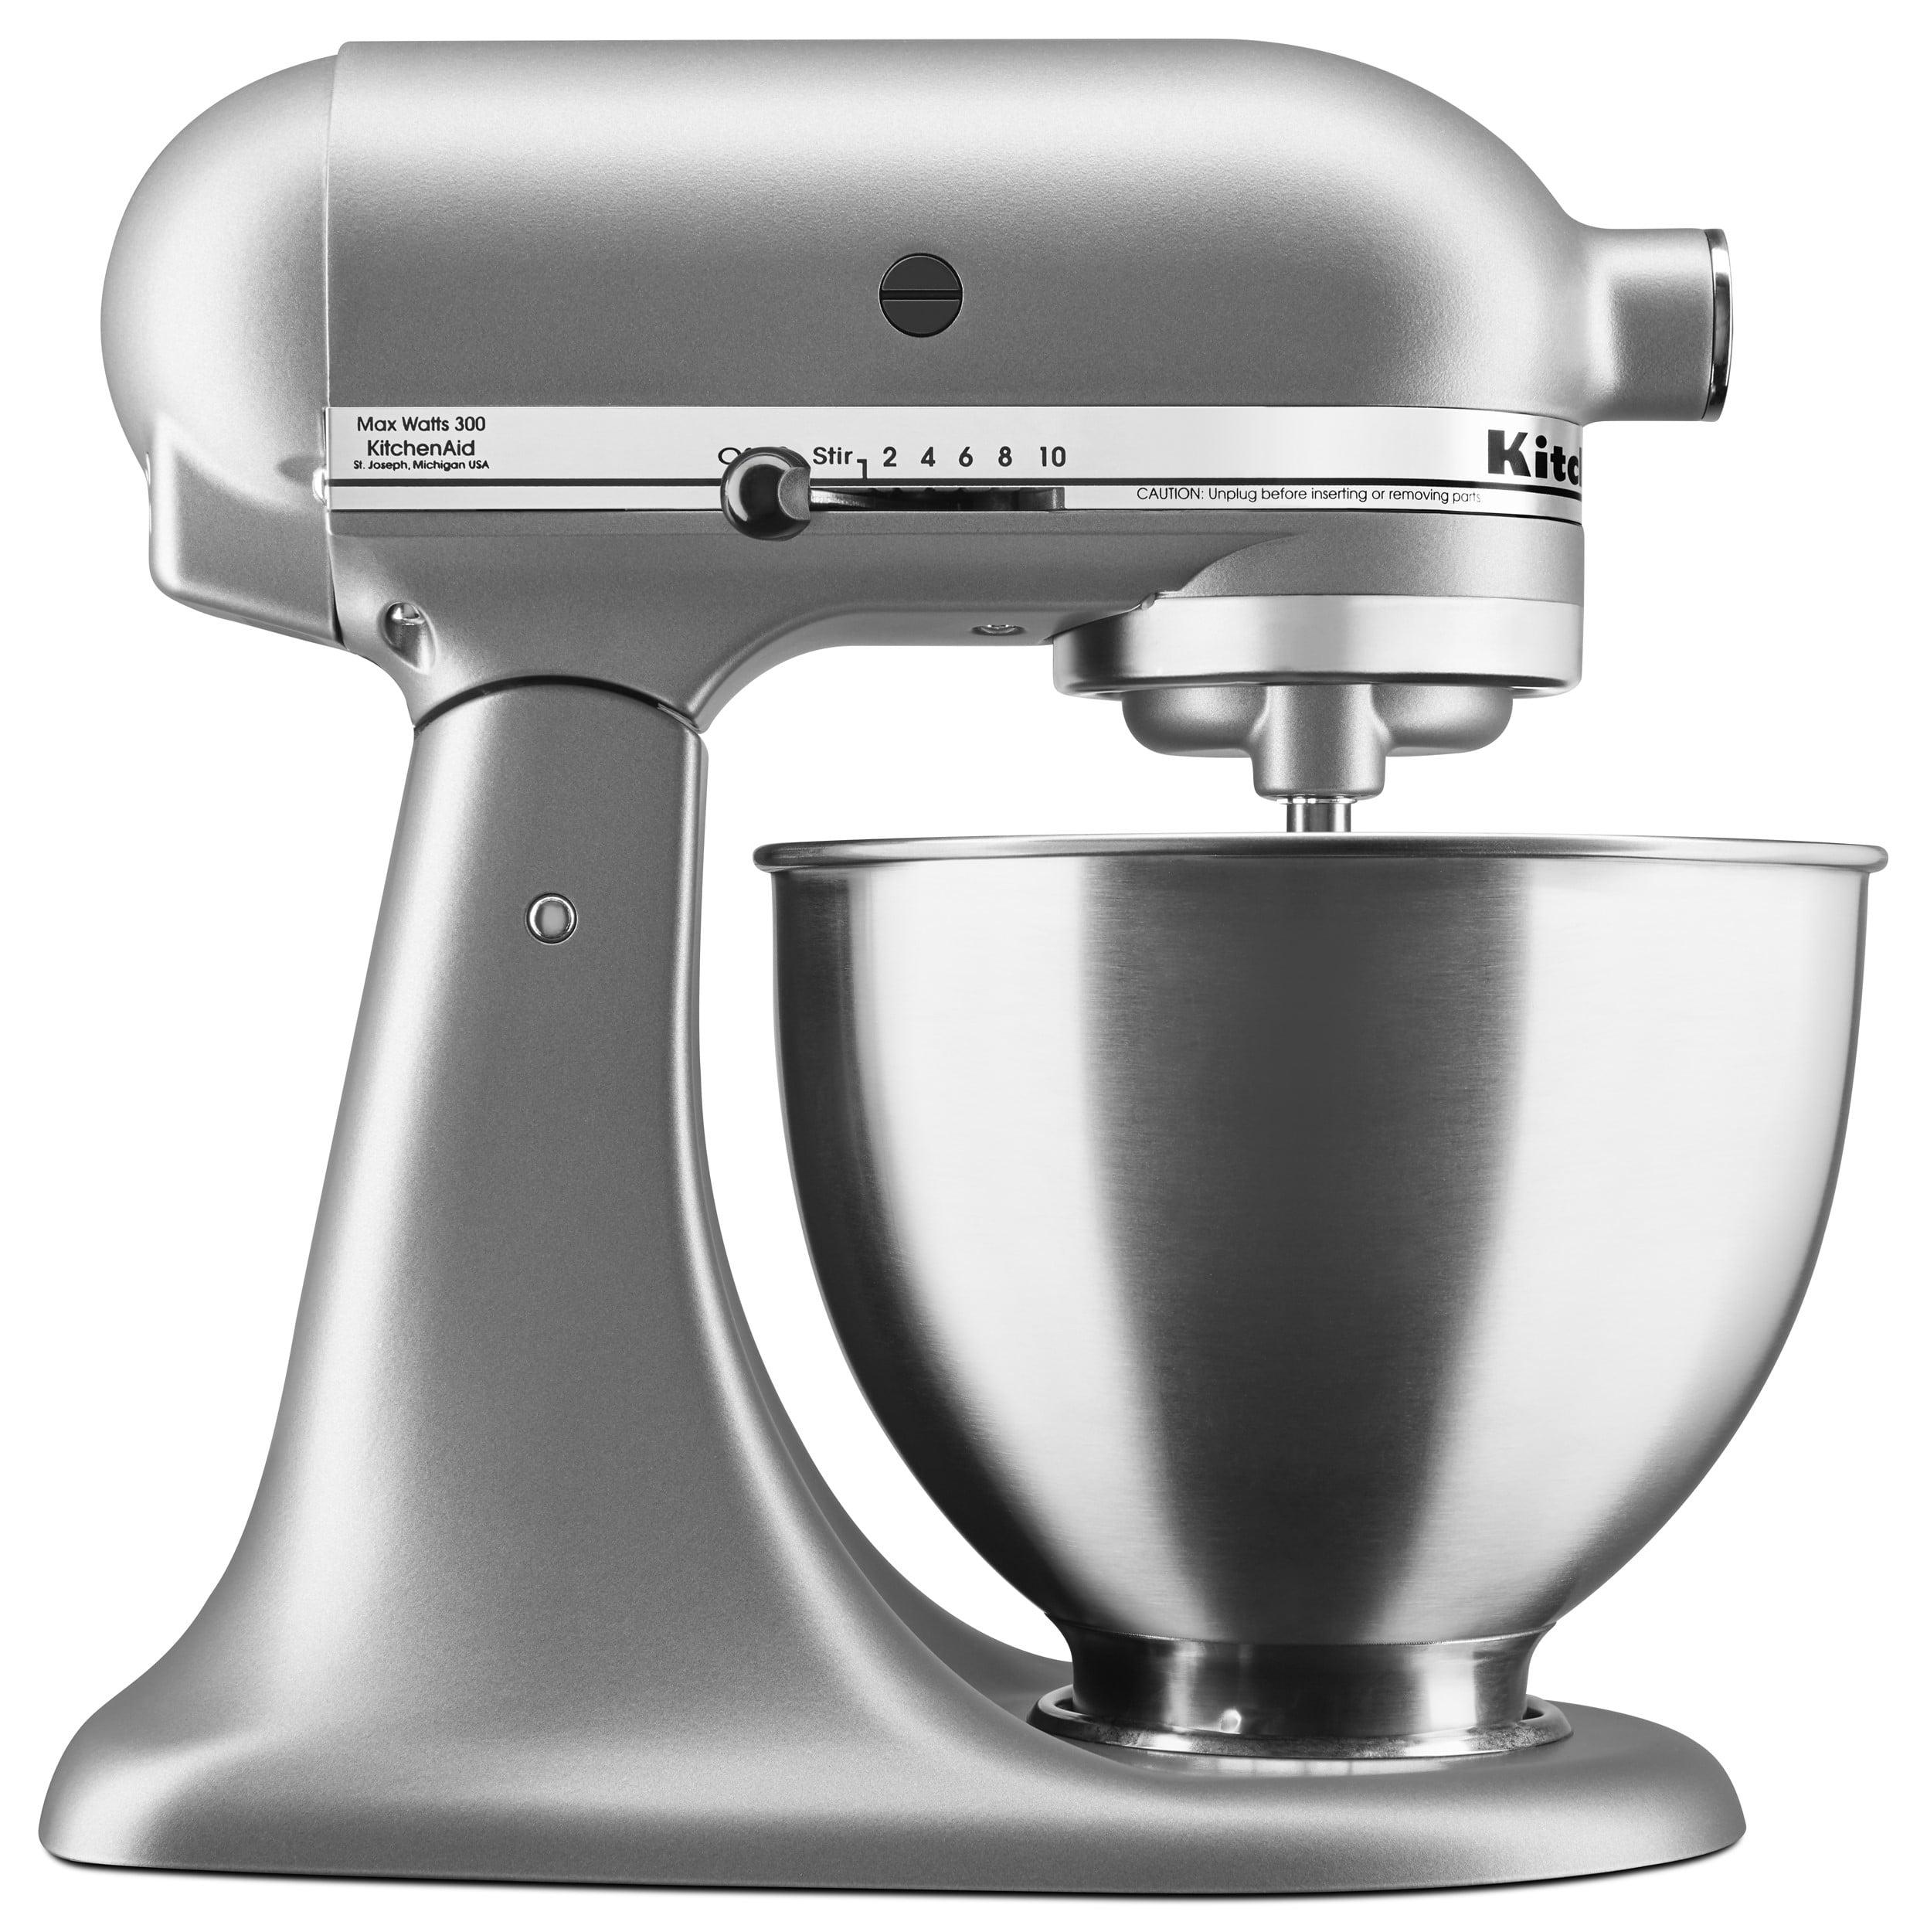 KitchenAid Deluxe 4.5 Quart Stand Mixer, Silver (KSM88SL)